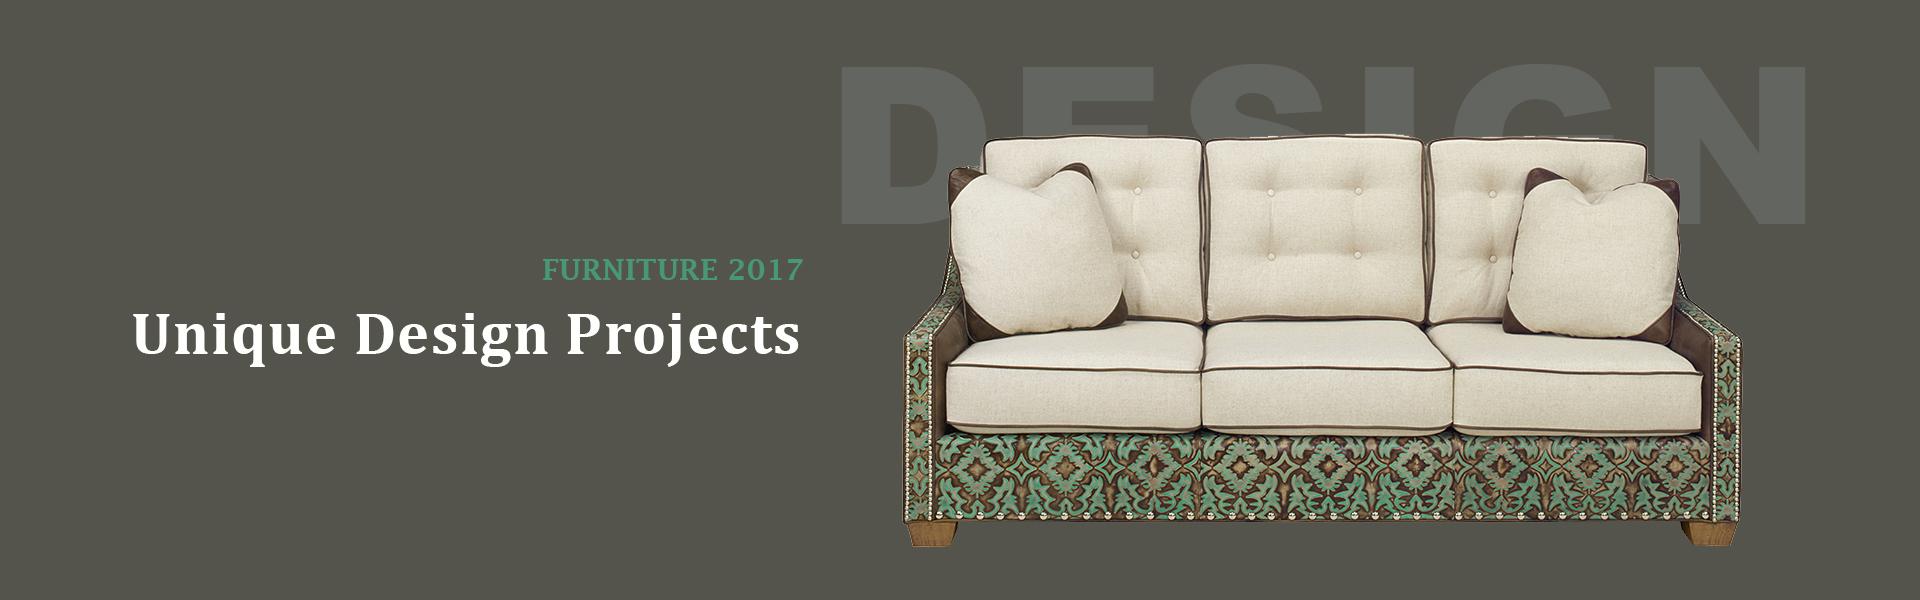 Rustic Furniture Contemporary